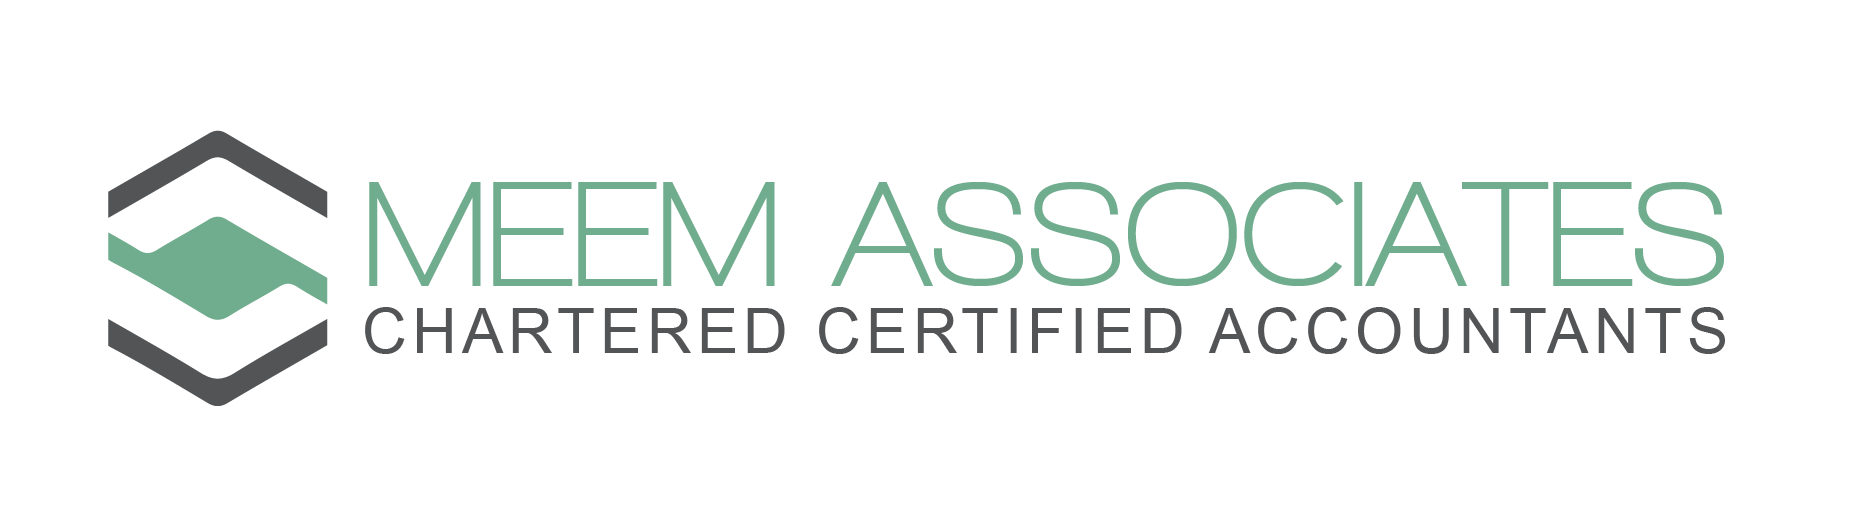 Meem Associates